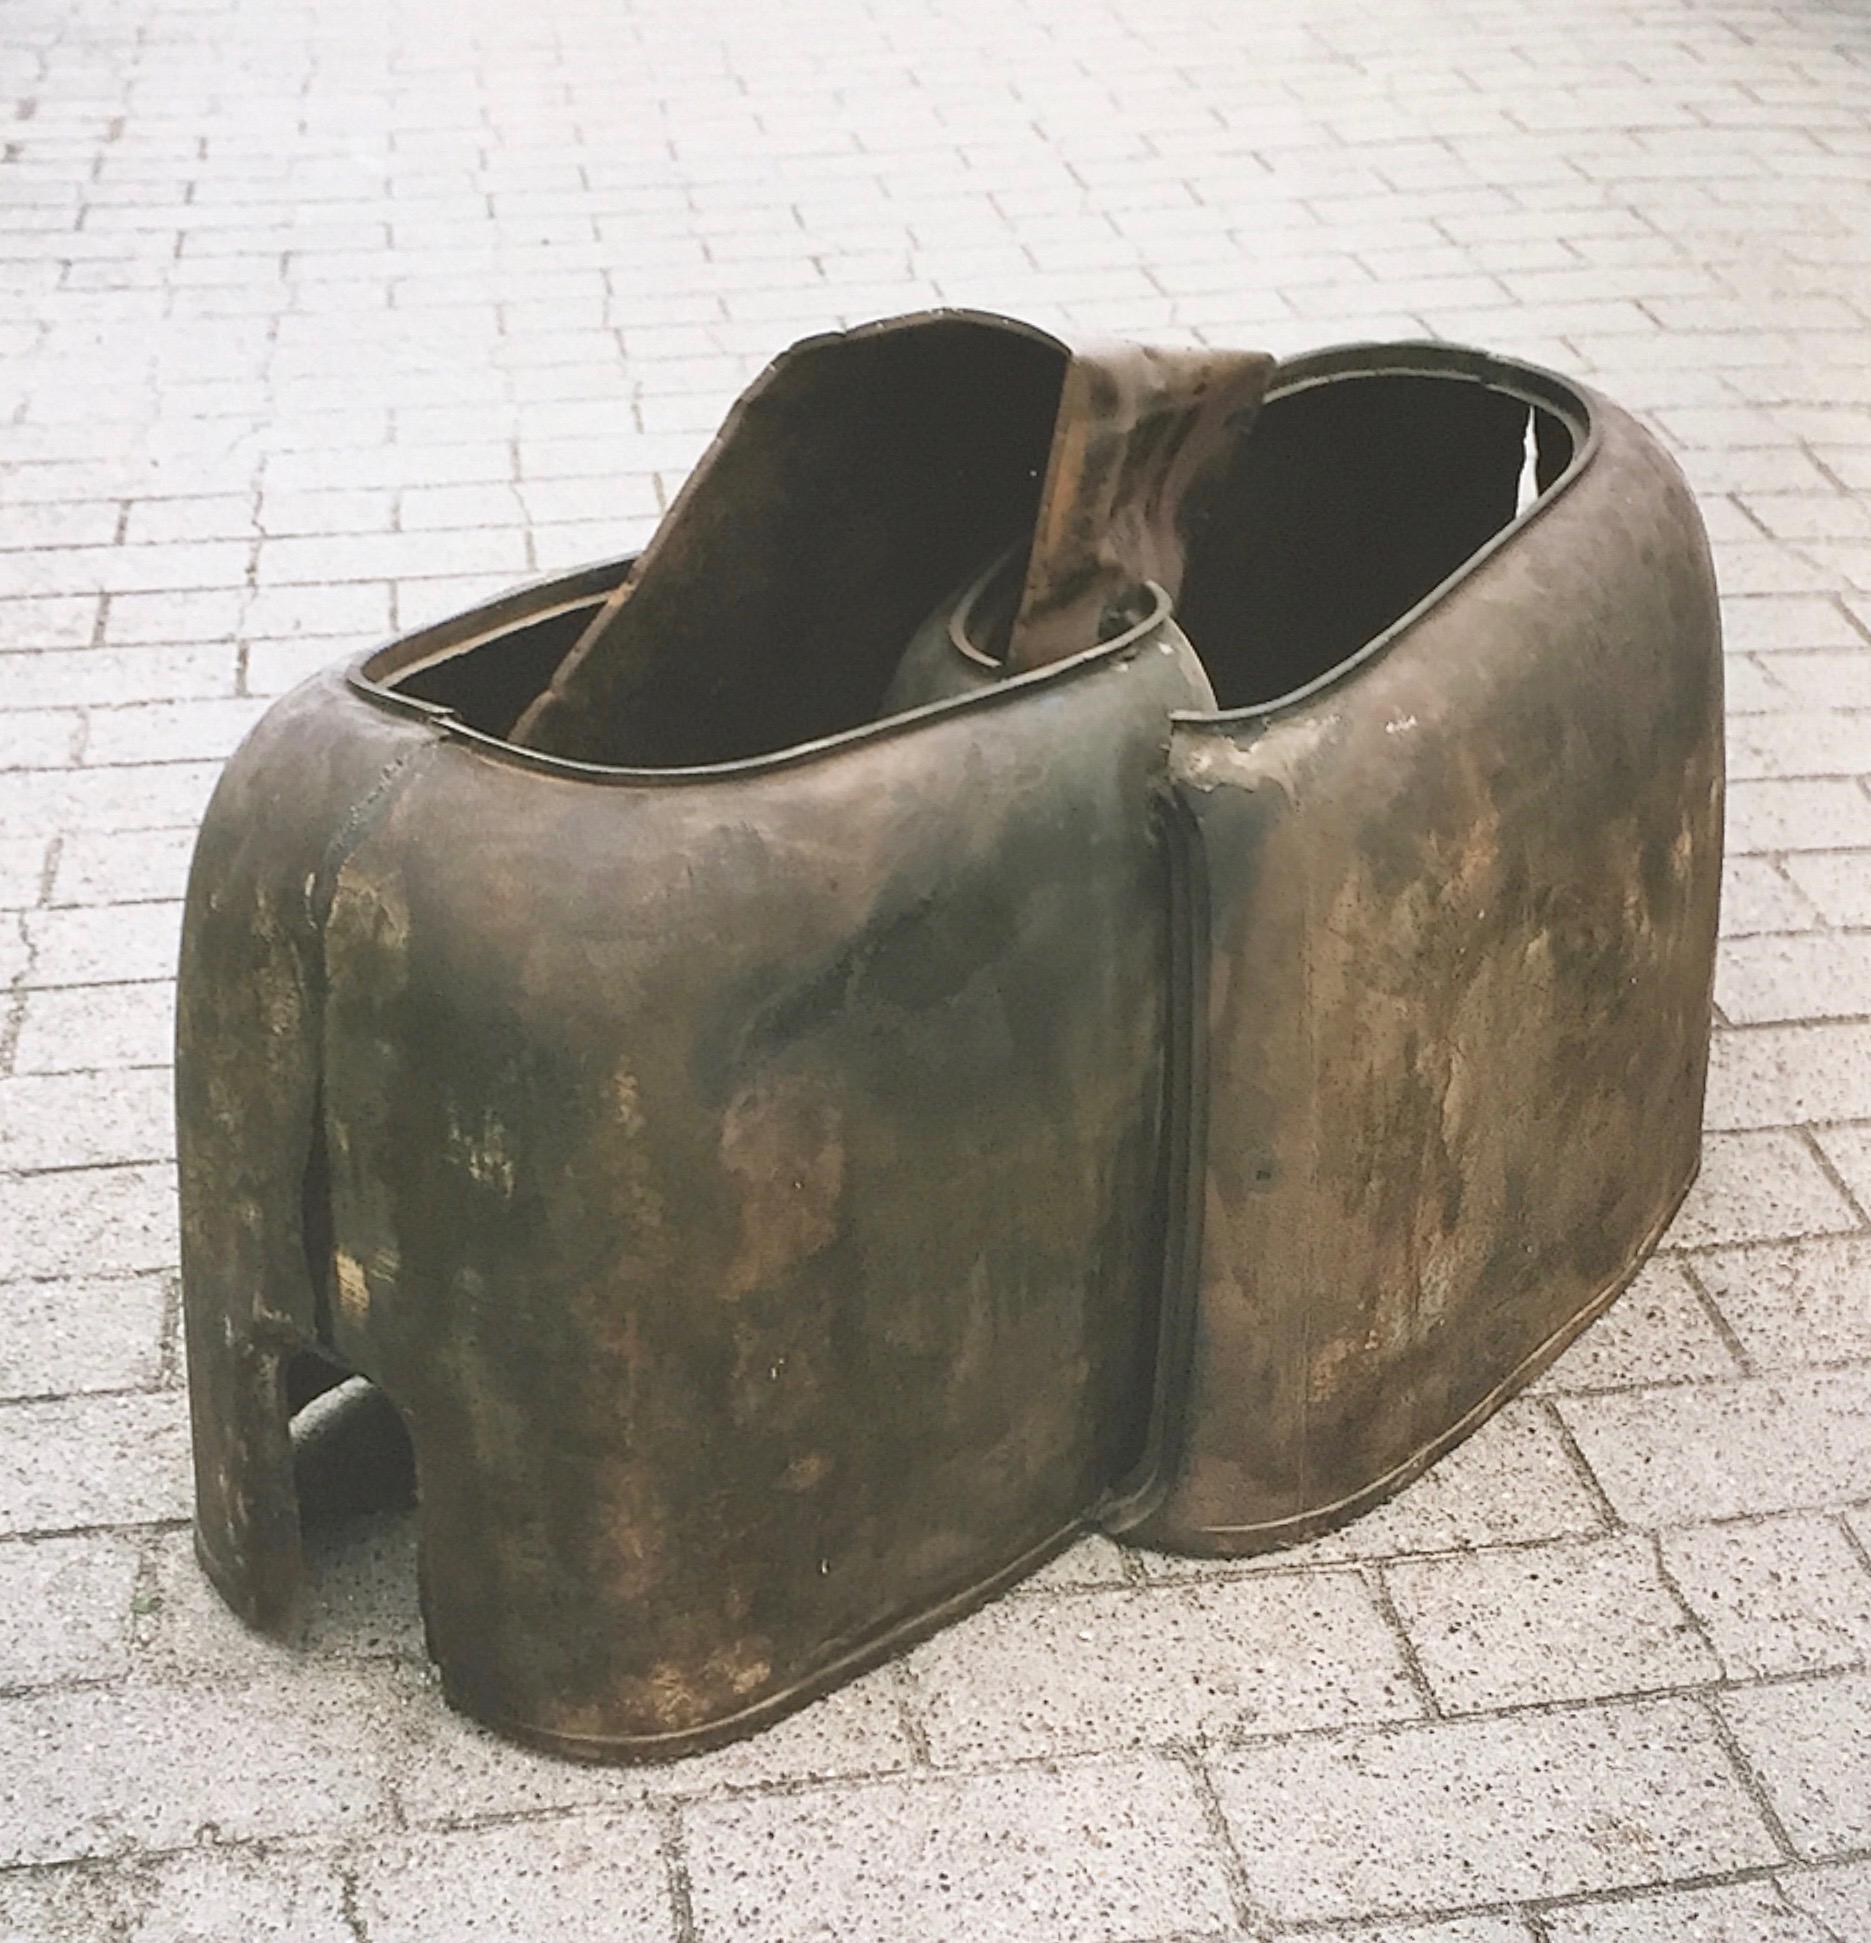 Skrotskulptur, 1964. Tilhører Heart, Kunstmuseet i Herning.